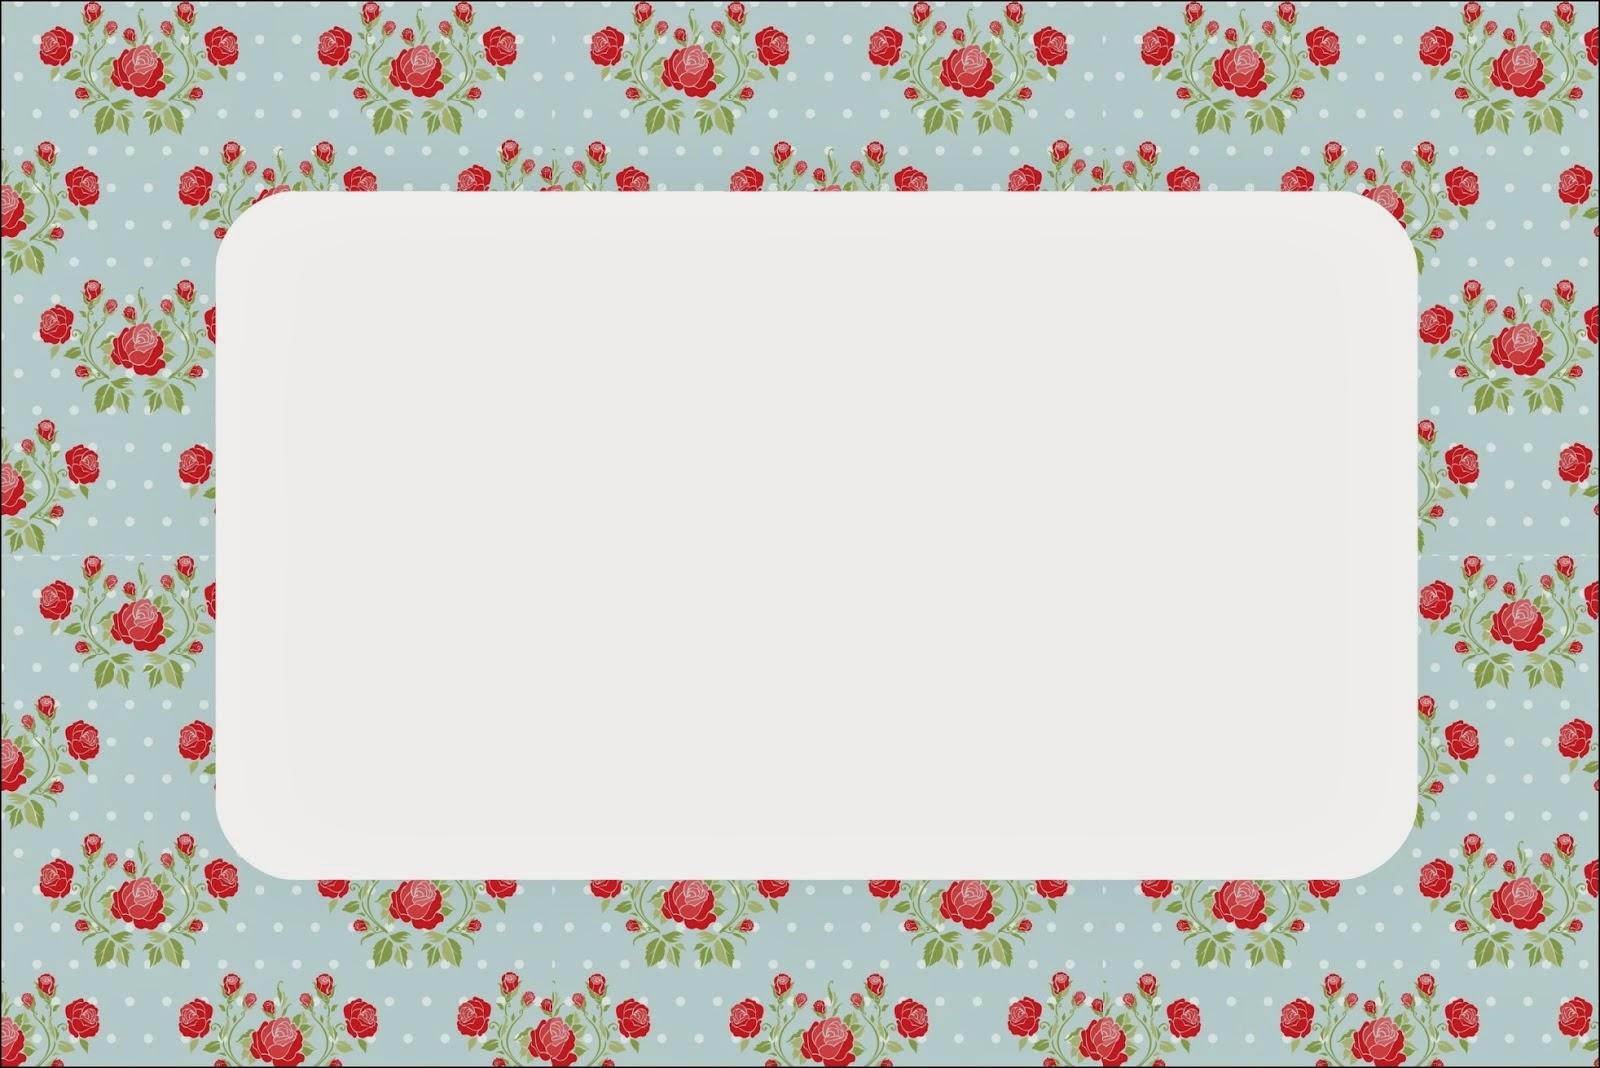 Para hacer invitaciones, tarjetas, marcos de fotos o etiquetas, para imprimir gratis de Shabby Chic de Rosas Rojas en Fondo Celeste.